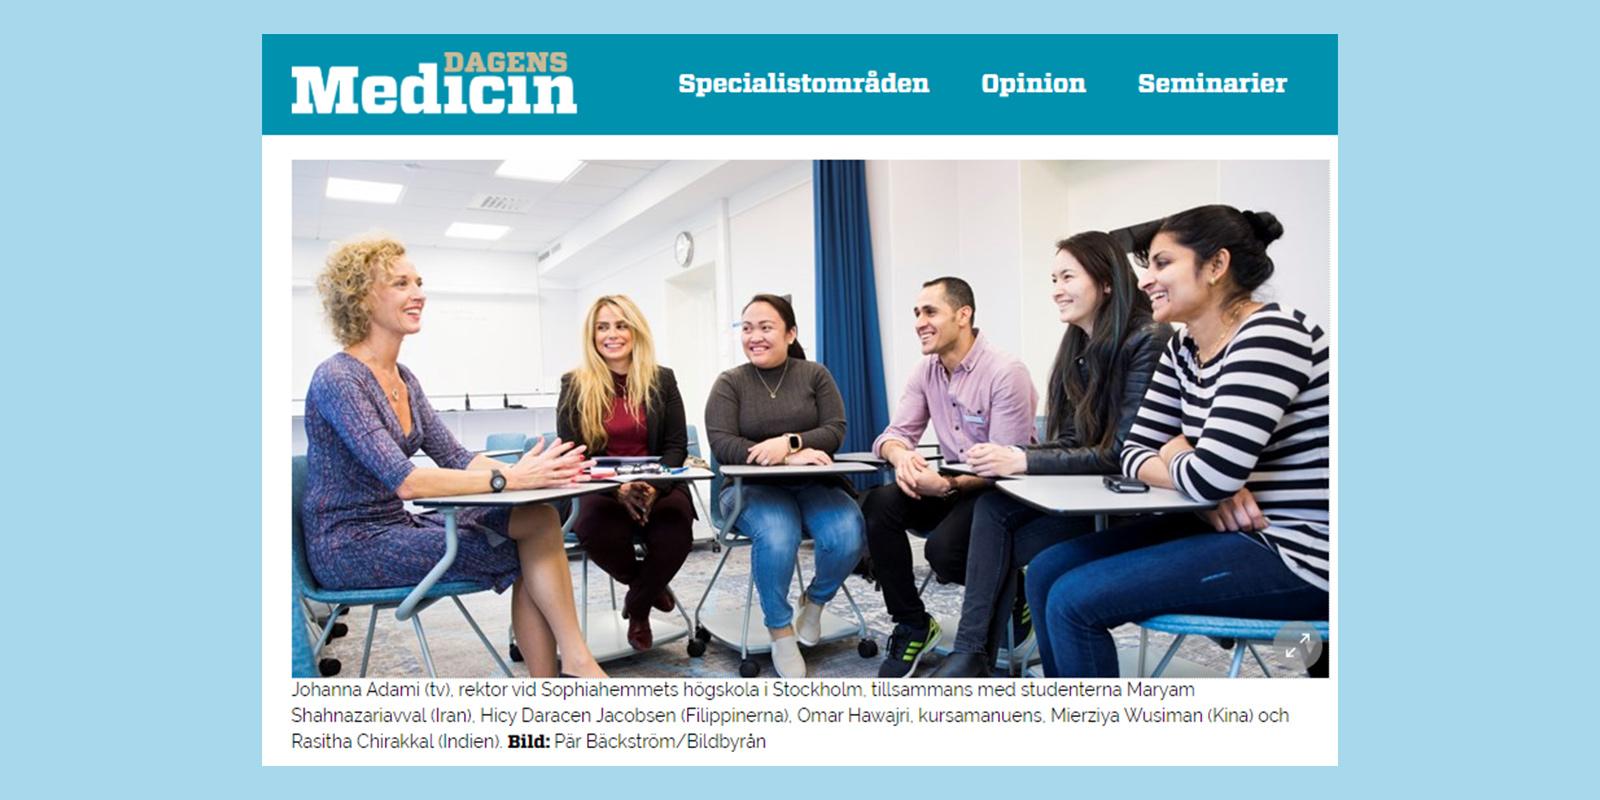 Johanna Adami vid ett bord tillsammans med studenter